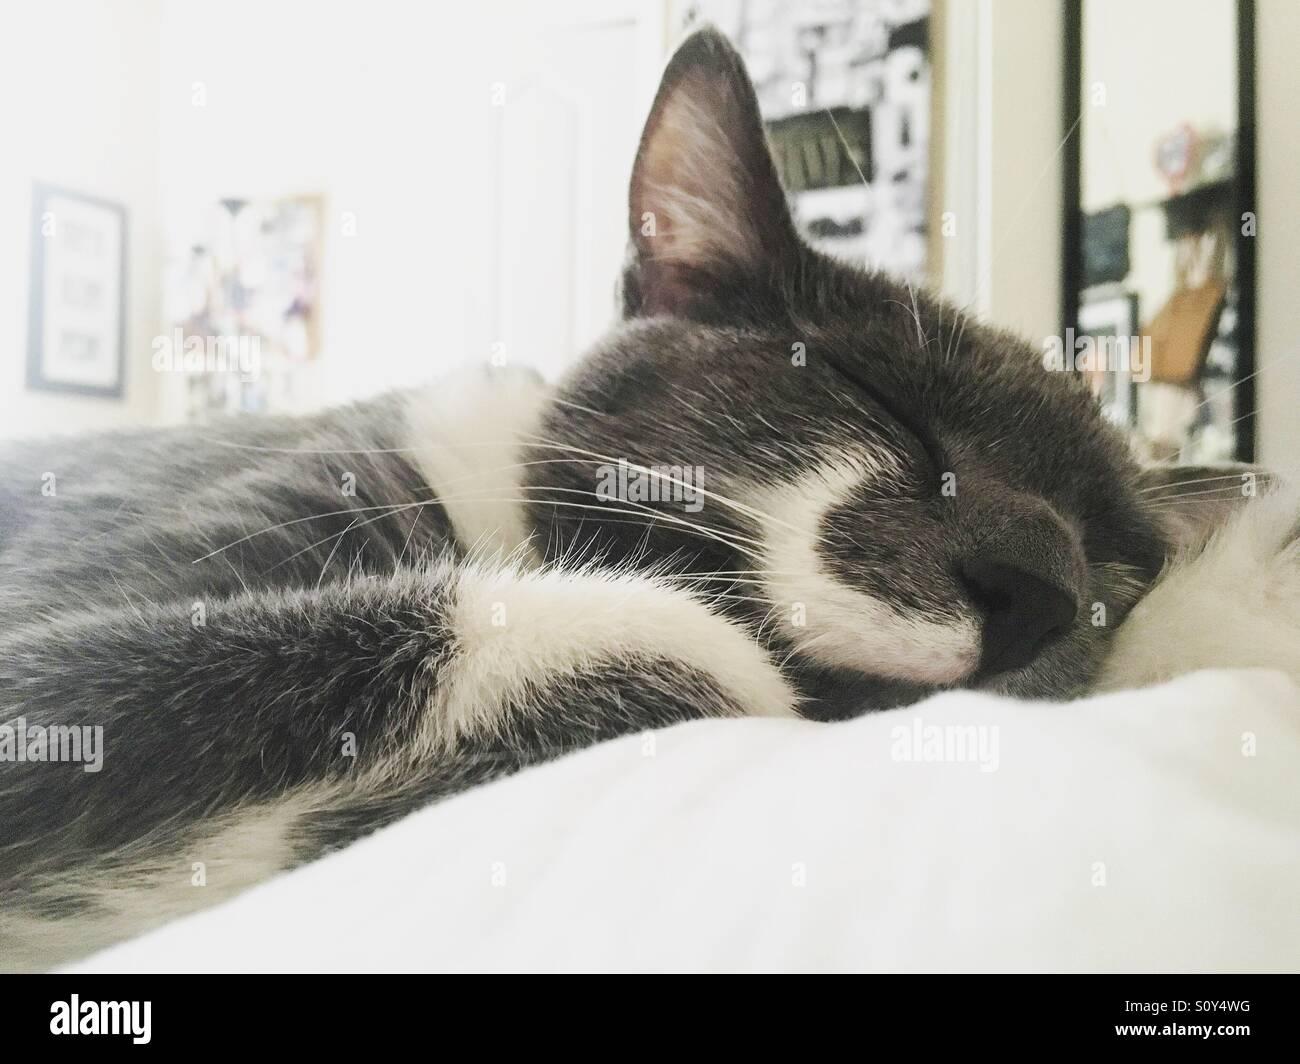 Bigote gato toma una siesta Imagen De Stock